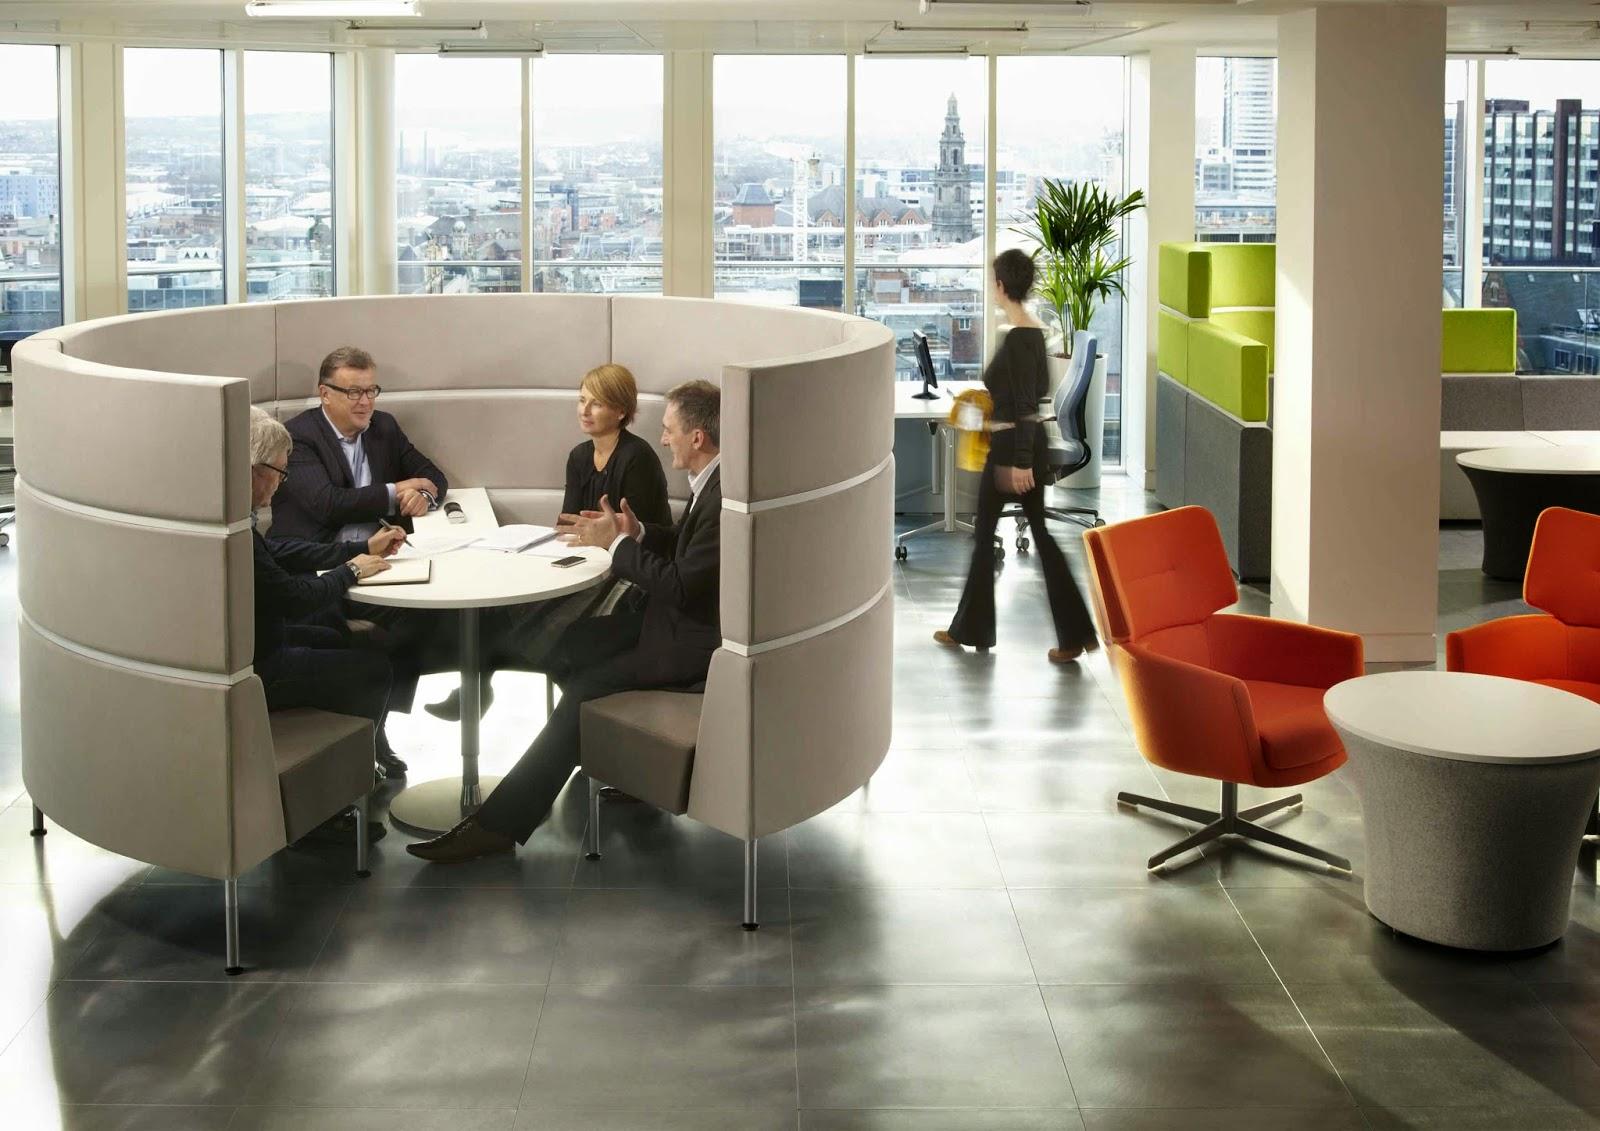 Vidalcontract espacios colaborativos en la oficina for Ruido oficina